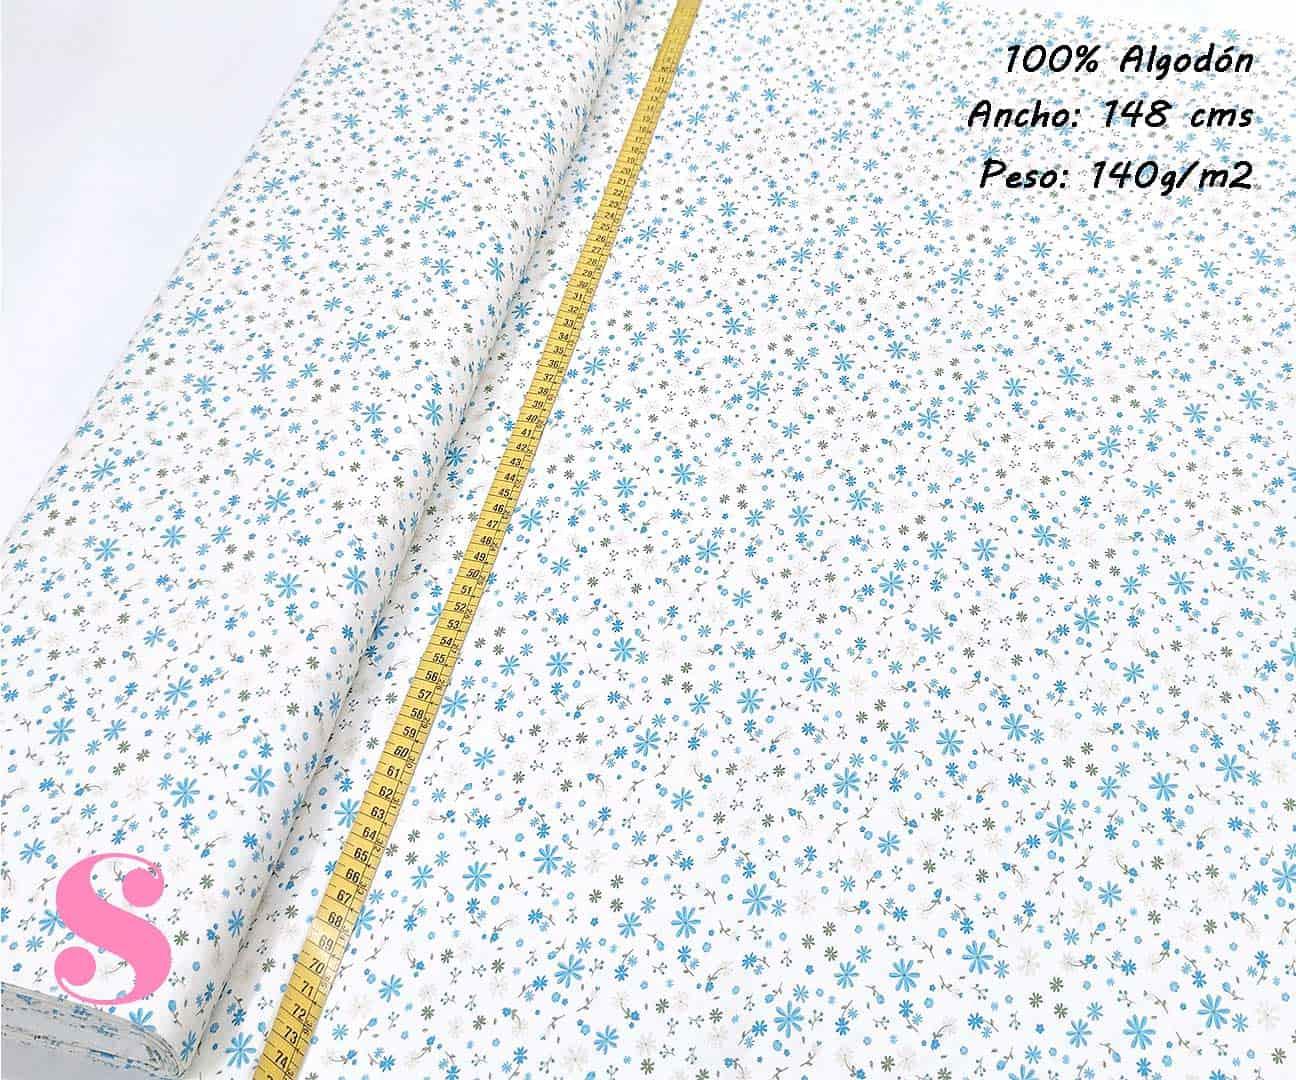 F10-florecitas-liberty-azul-claro-mujer-tejidos-algodón-estampado-popelin,F11-florecitas-liberty-fondo-azul-claro-mujer-tejidos-algodón-estampado-popelin,Tejido Estampado Florecitas Liberty Fondo Celeste E2